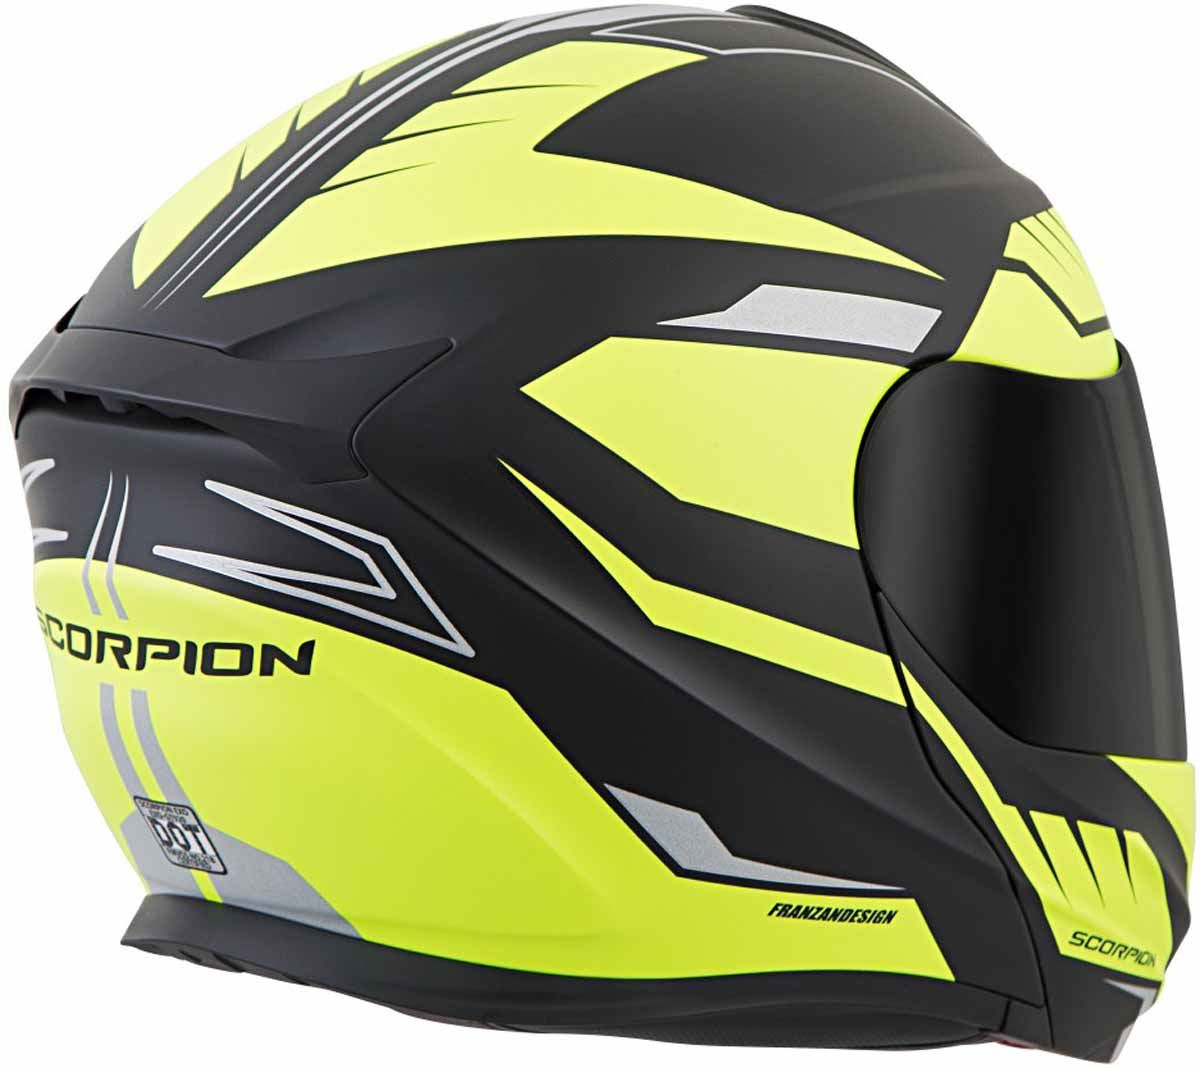 Scorpion-EXO-GT920-Helmet-Sport-Touring-Modular-Flip-Up-DOT-Approved-XS-3XL miniature 45